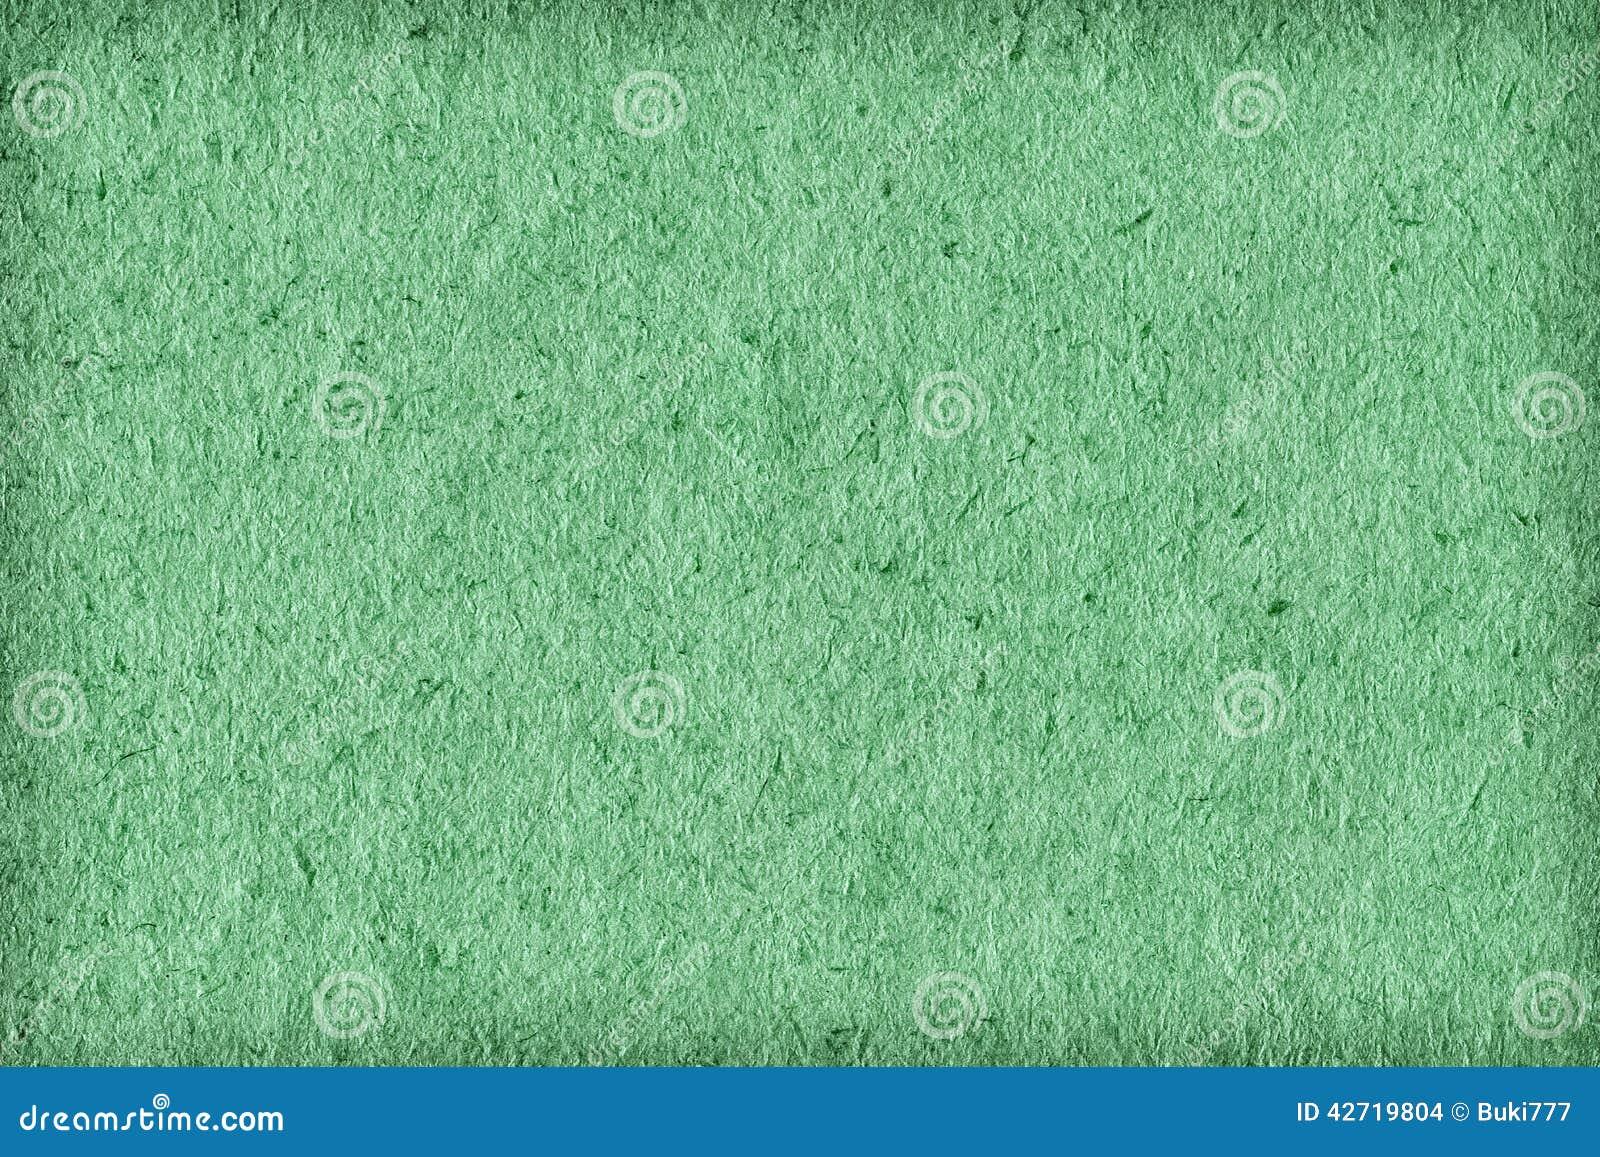 Återanvänd den pappers- ljusa prövkopian för textur för Kelly Green Extra Coarse Grain karaktärsteckningGrunge